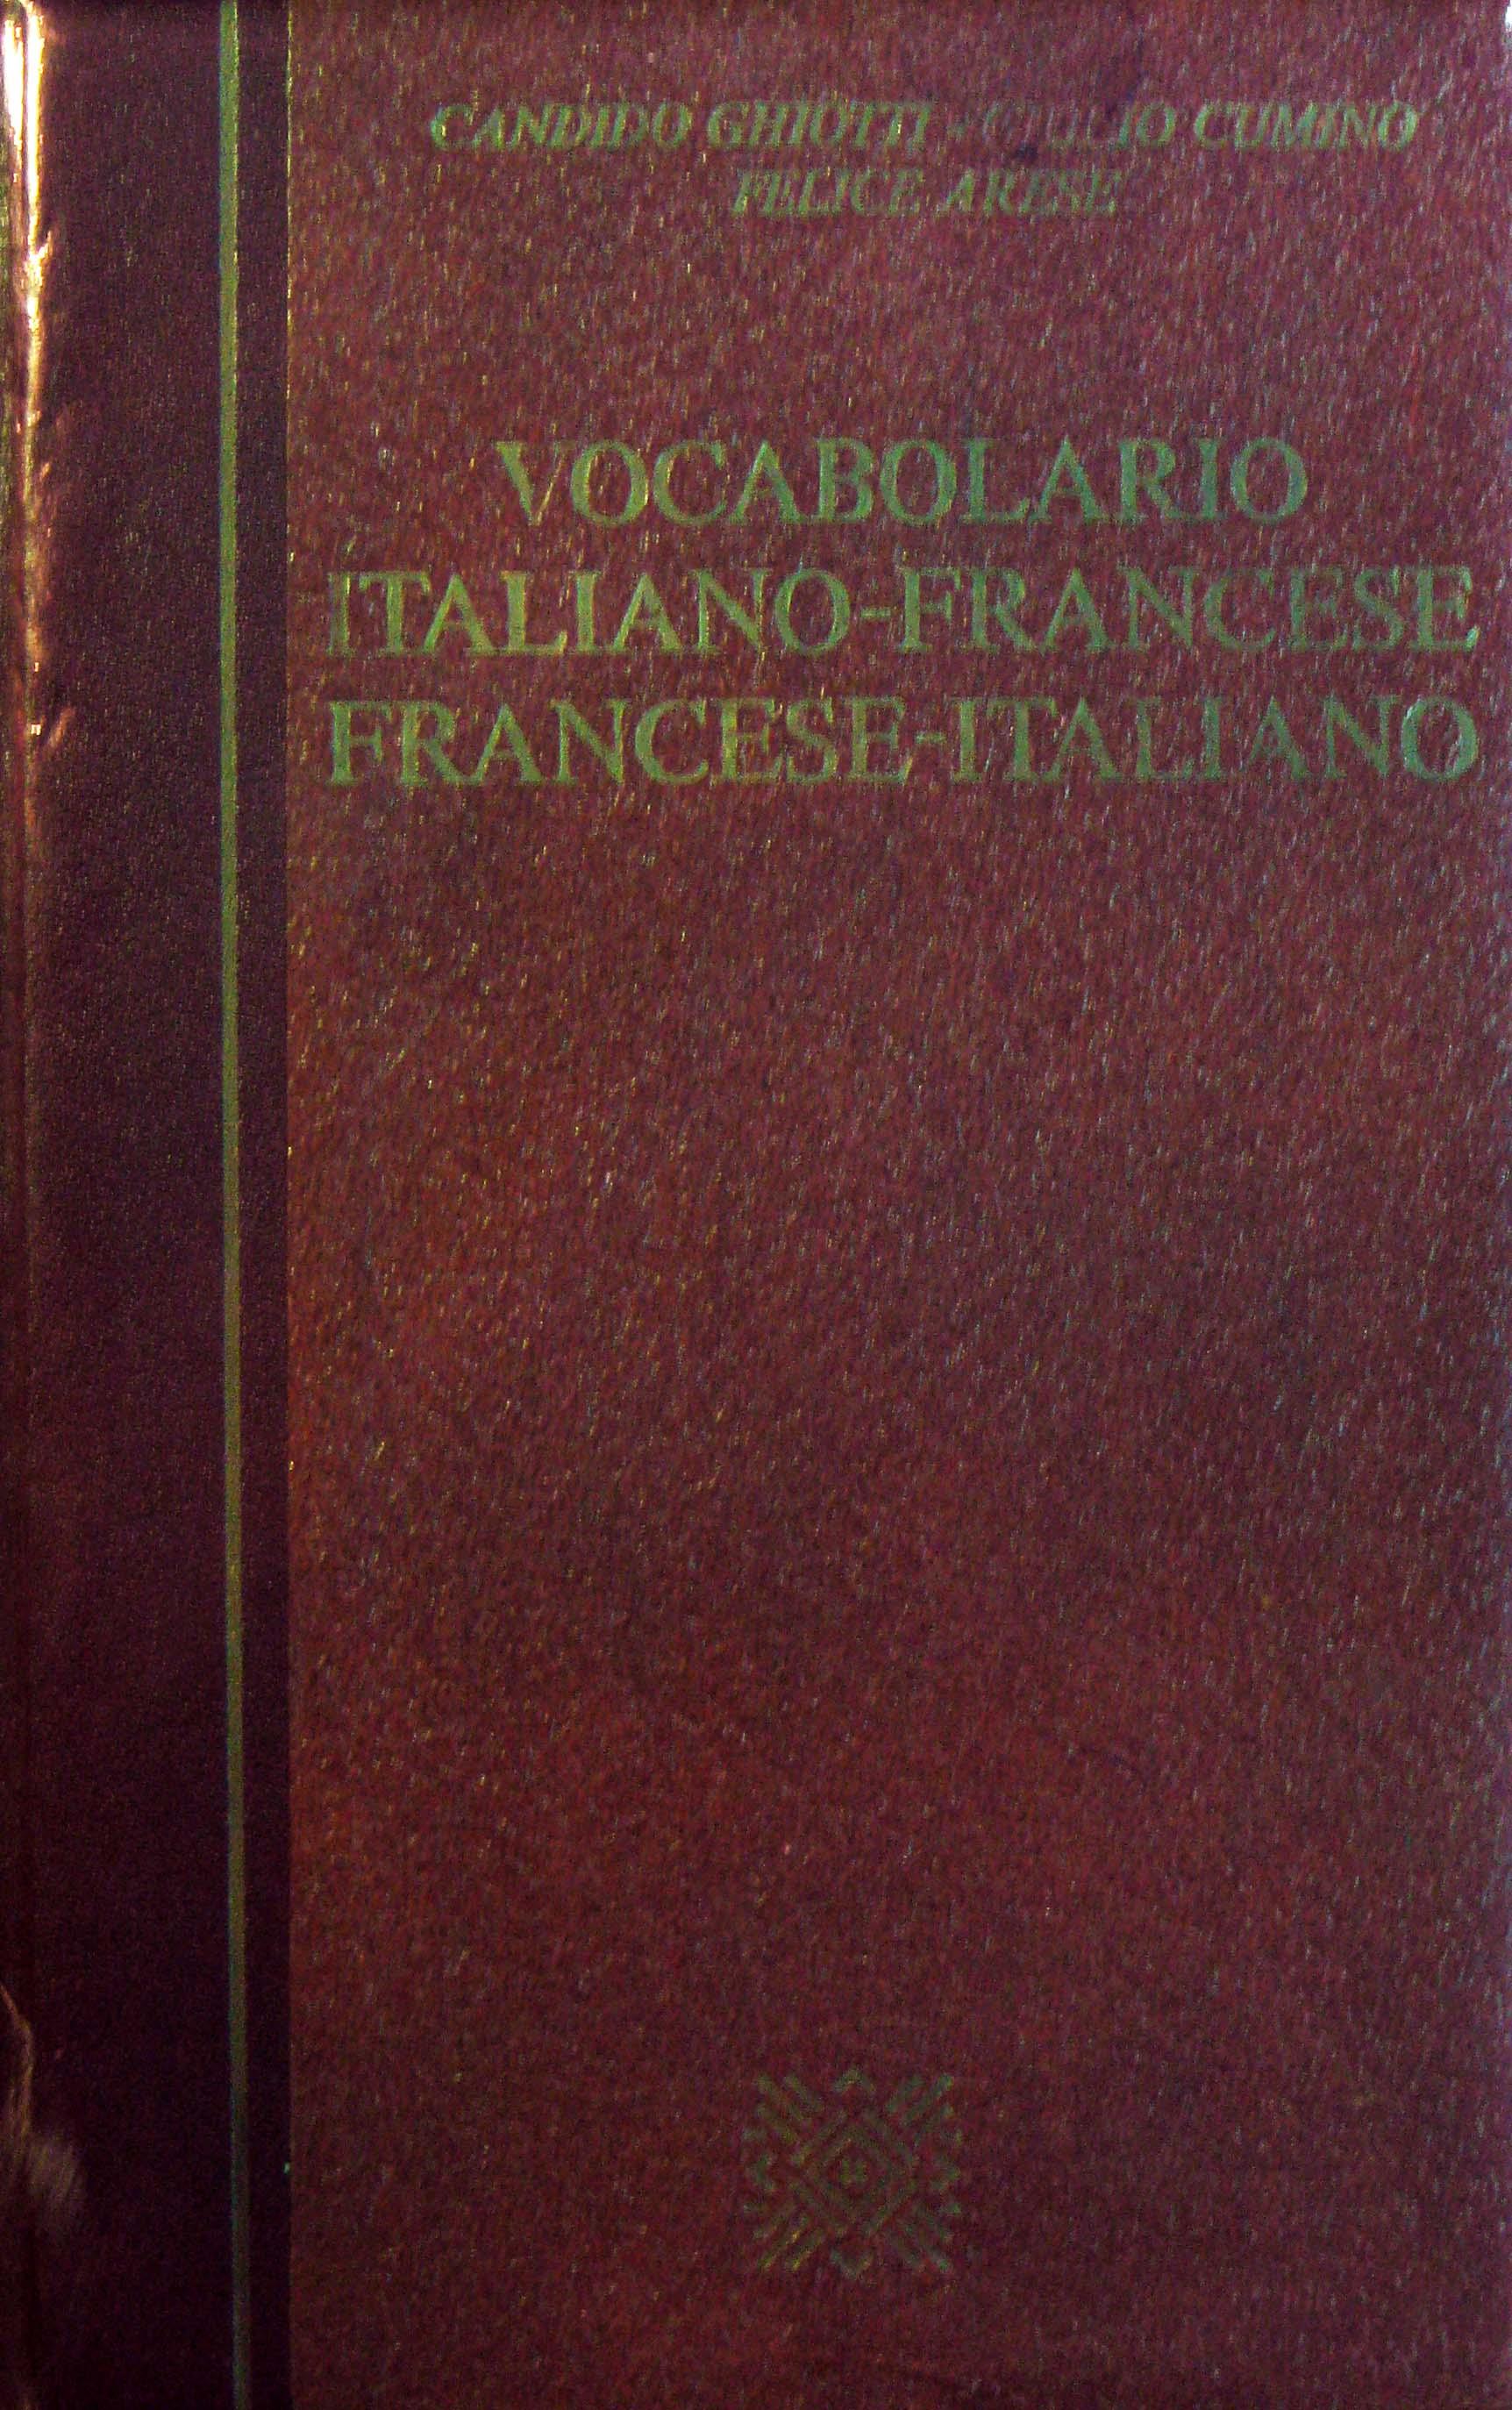 Vocabolario Italiano...